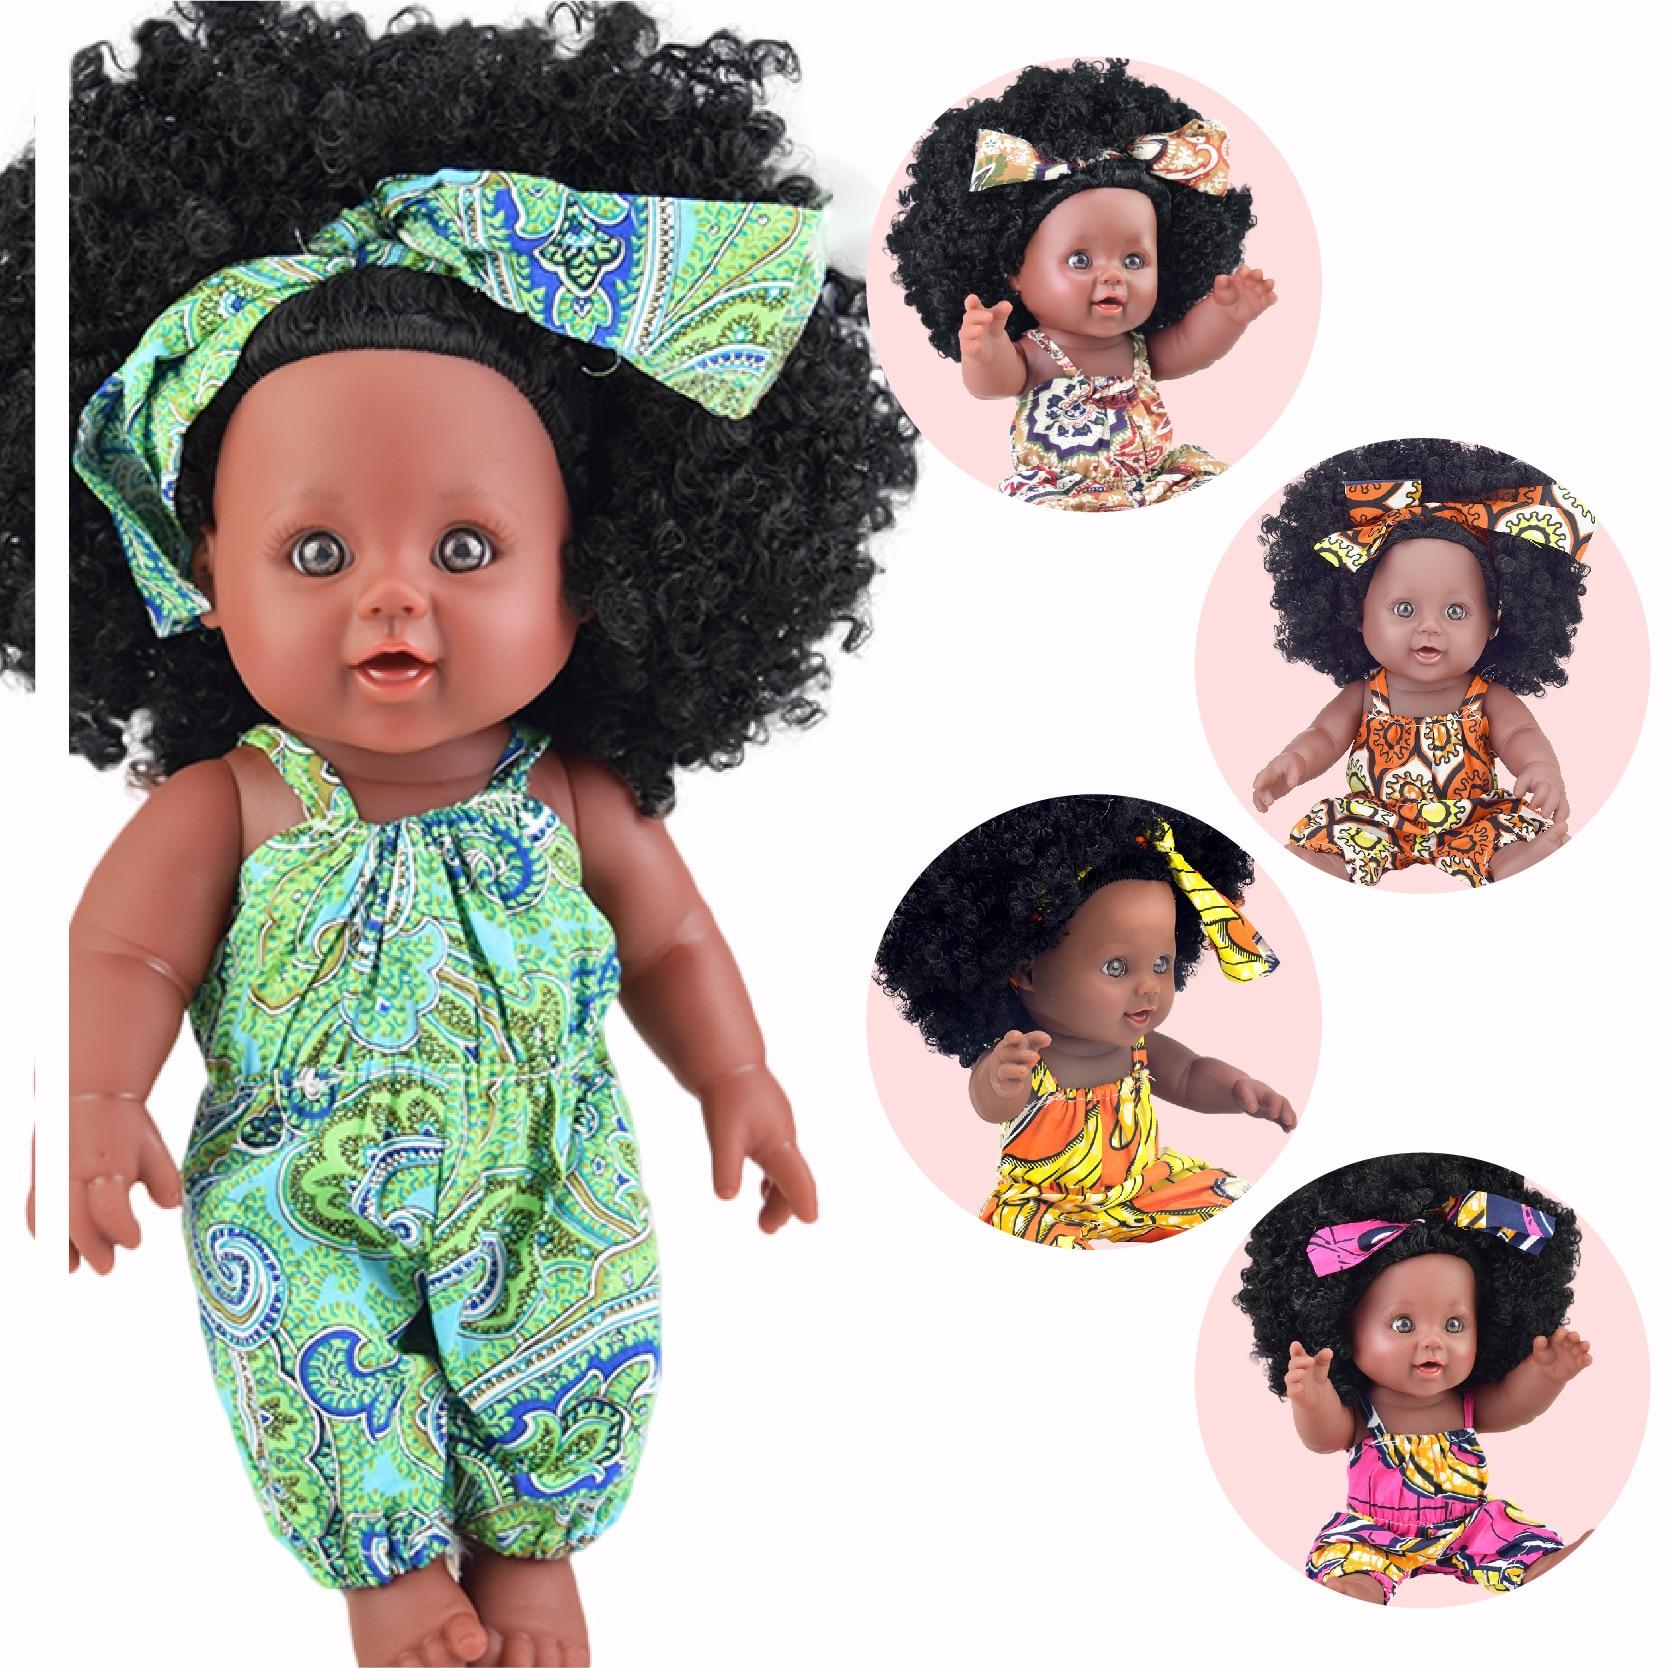 Schwarz baby puppen pop grün Afrikanische! 12 zoll lol reborn silikon vinyl 30 cm neugeborenen poupee boneca baby weiche spielzeug mädchen kid todder